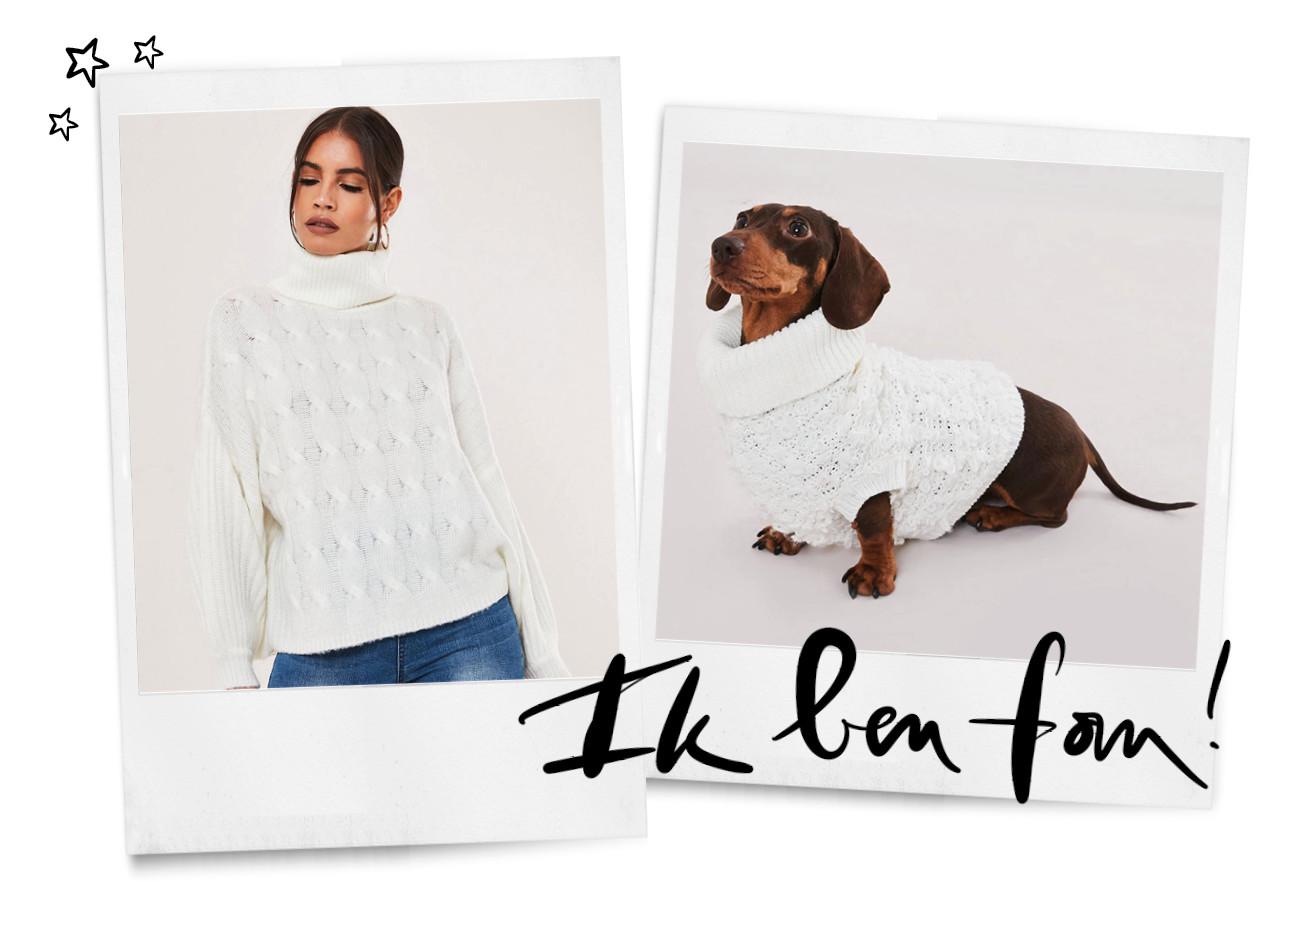 een meisje die een witte trui draagt en matcht met haar hond